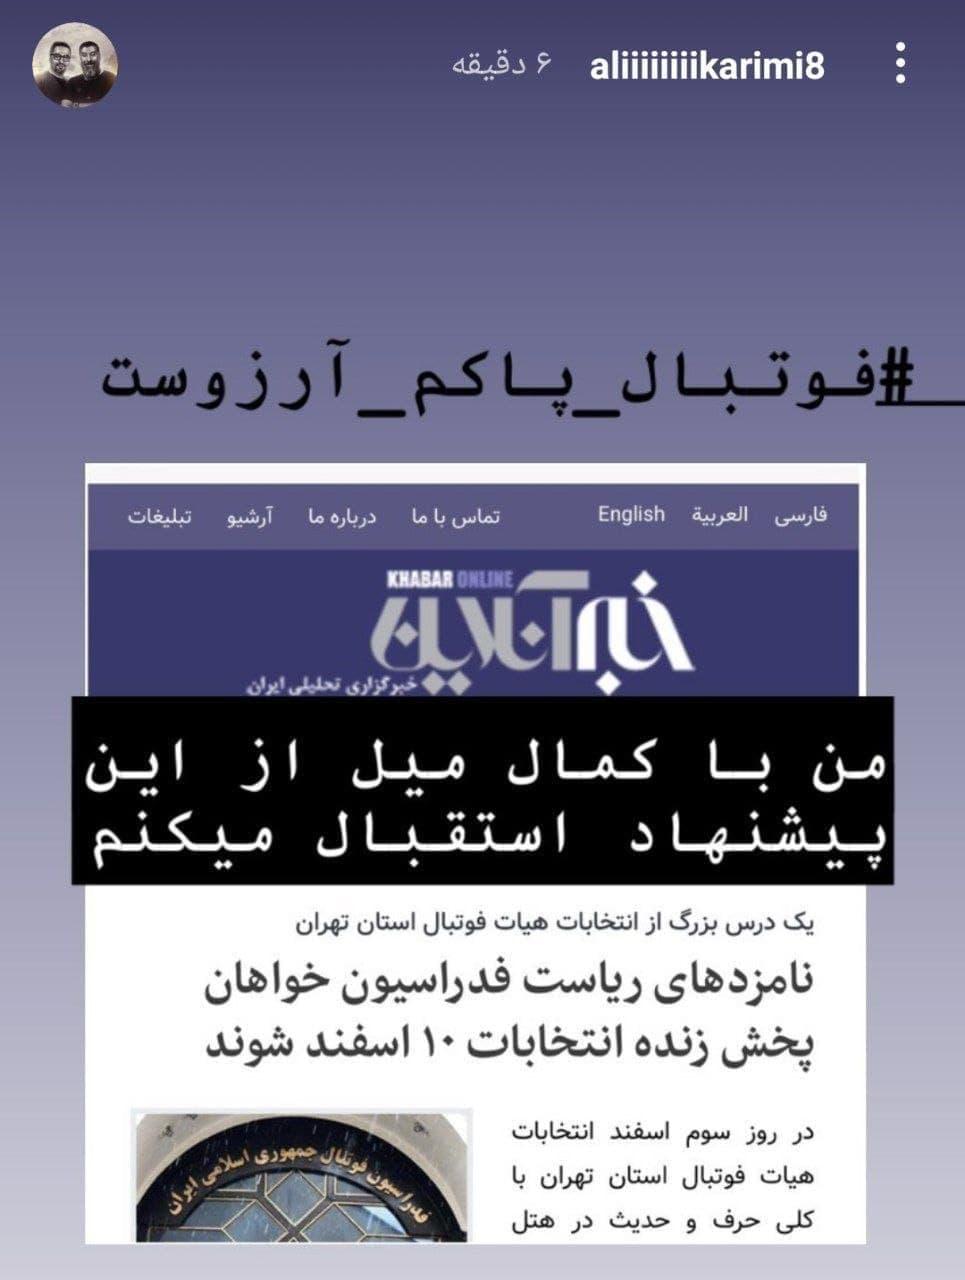 واکنش علی کریمی به پیشنهادی که خبرآنلاین داد/عکس